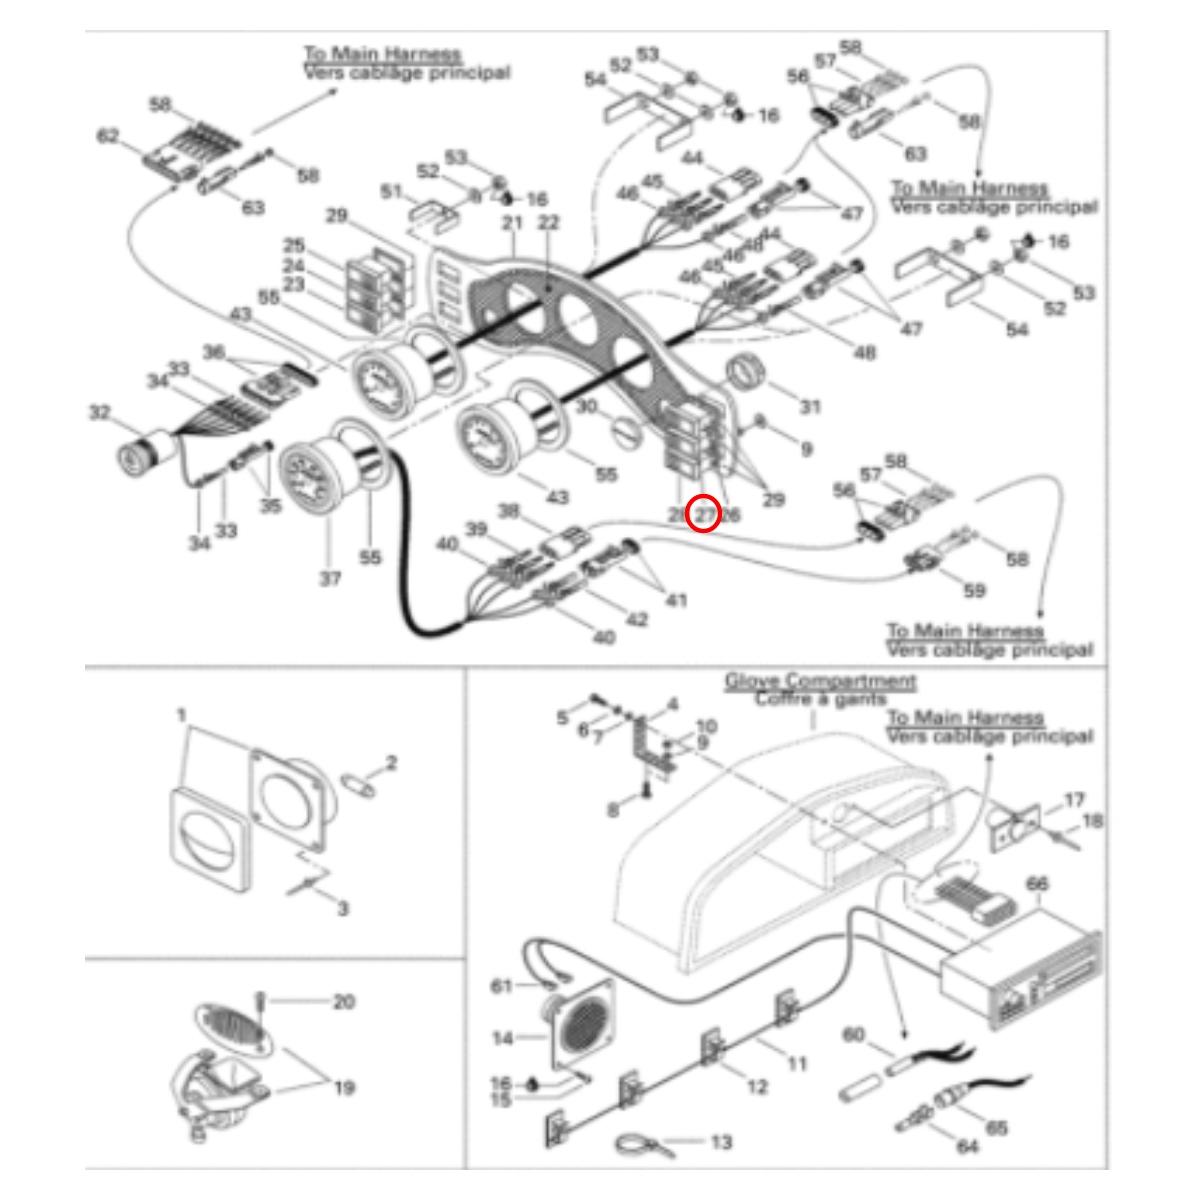 Botão Luz Challenger para Jet Ski Sea Doo 1800 97/98  - Radical Peças - Peças para Jet Ski